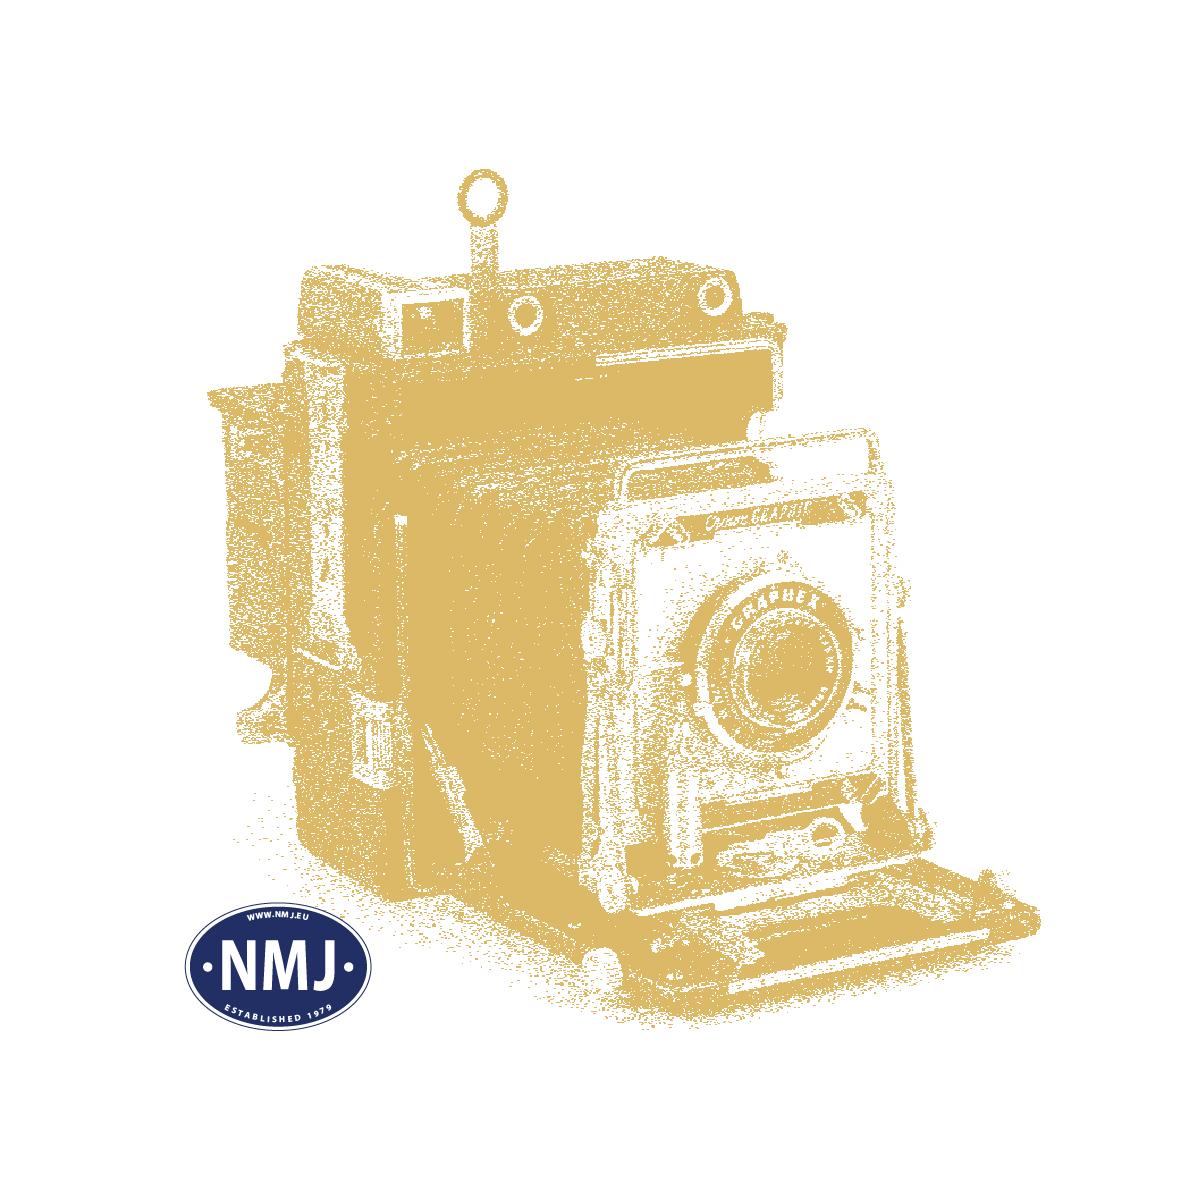 NMJT502.303 - NMJ Topline Kpbs 21 76 335 741-0 Rungenwagen NSB m.Beladung